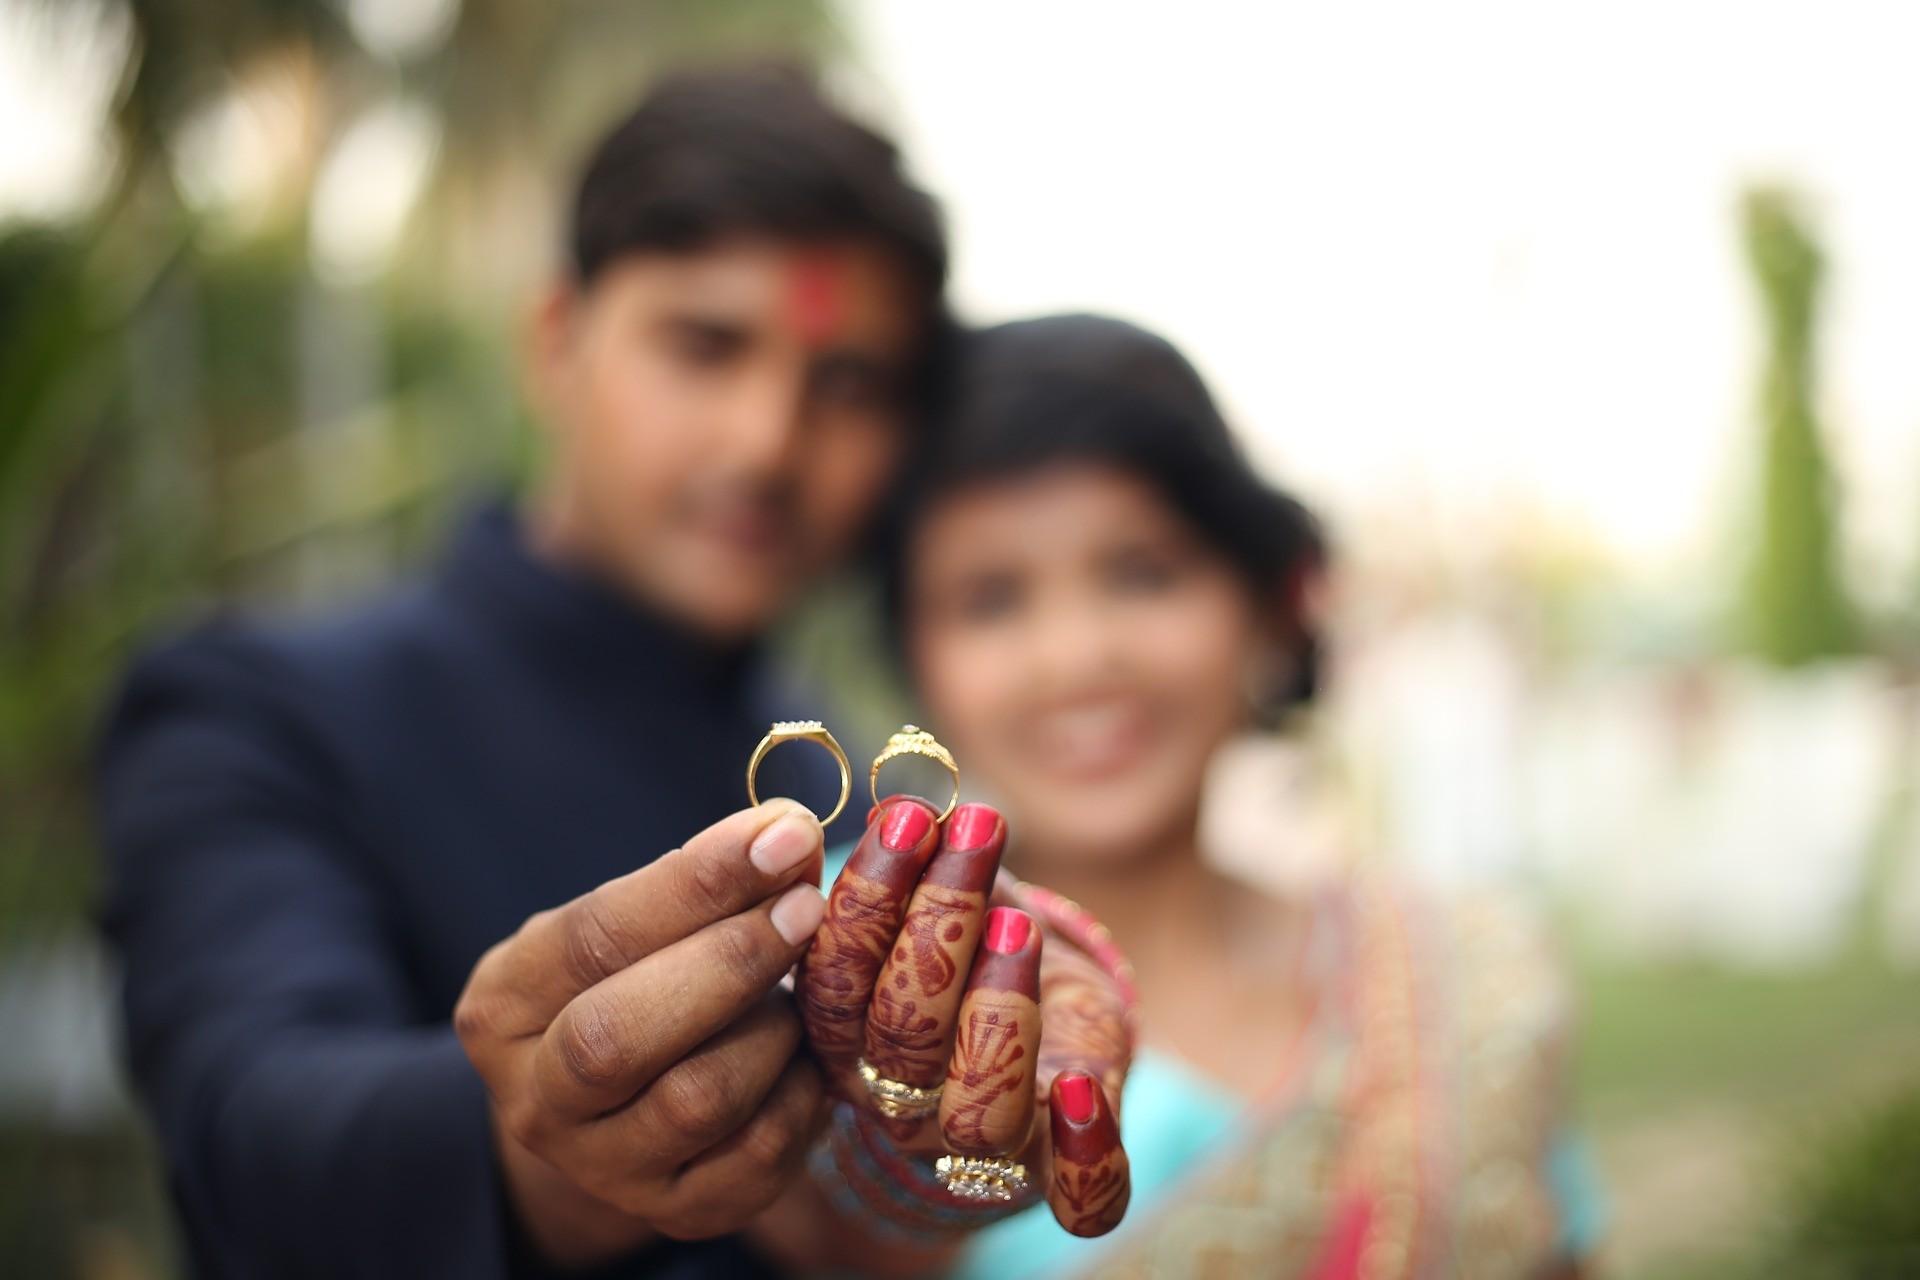 ▲婚禮,印度傳統婚禮,印度,印度婚禮。(圖/取自免費圖庫Pixabay)